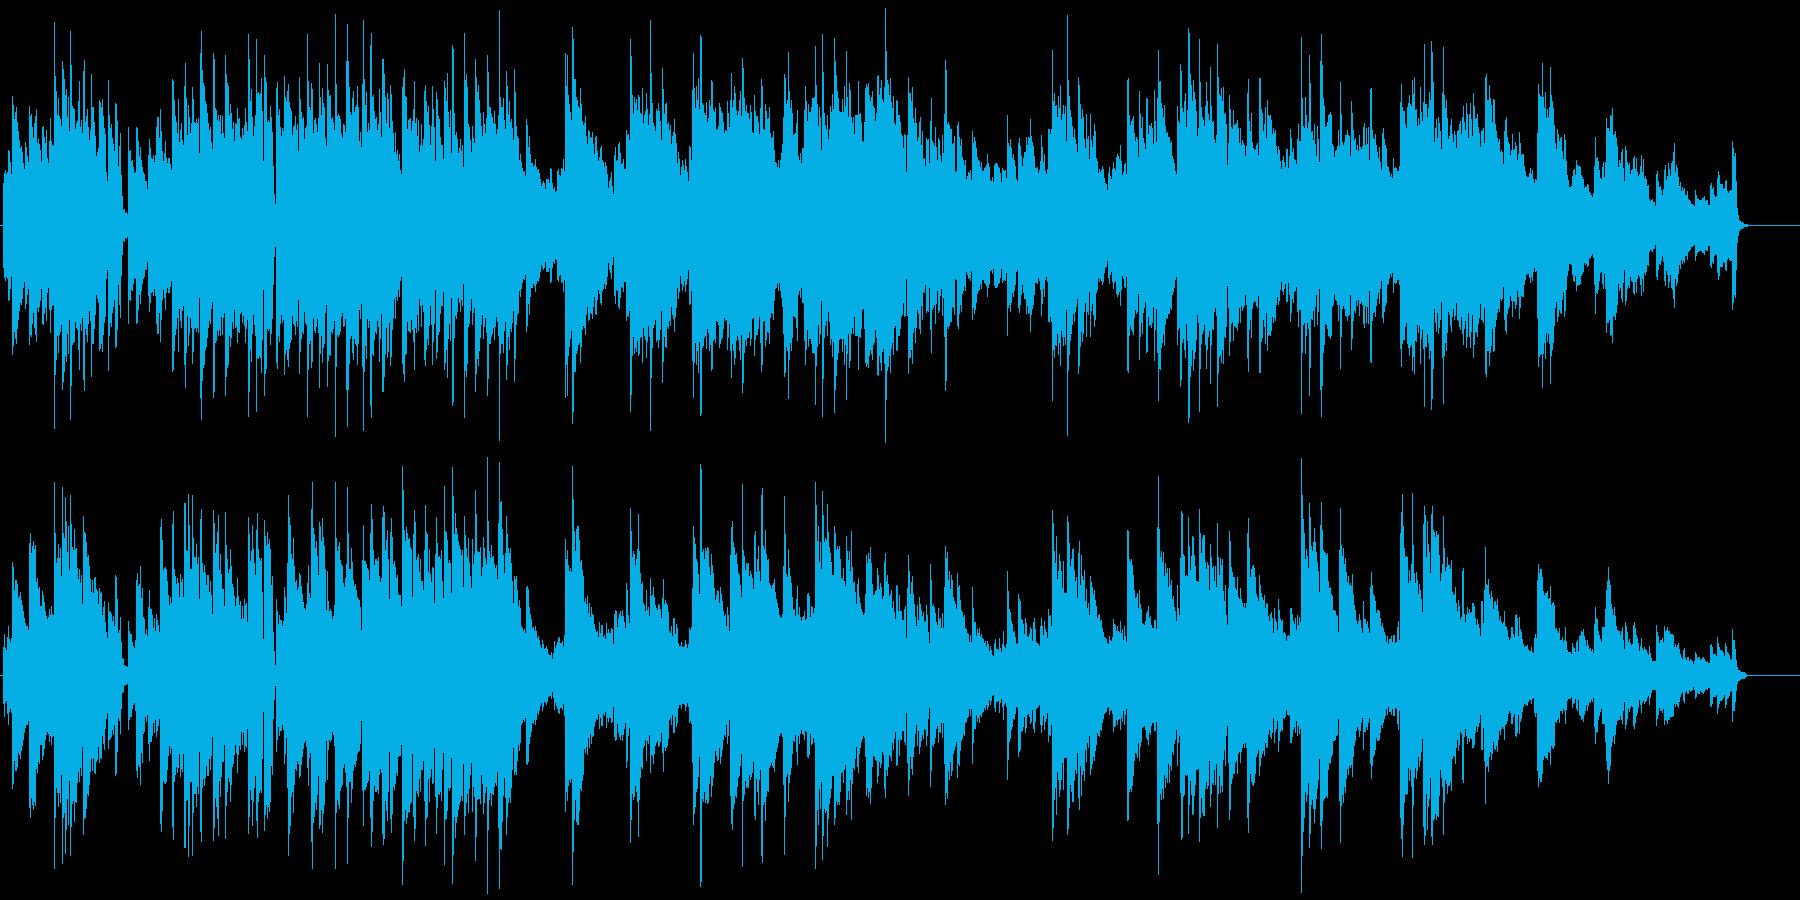 ドラマティックなピアノジャズの再生済みの波形